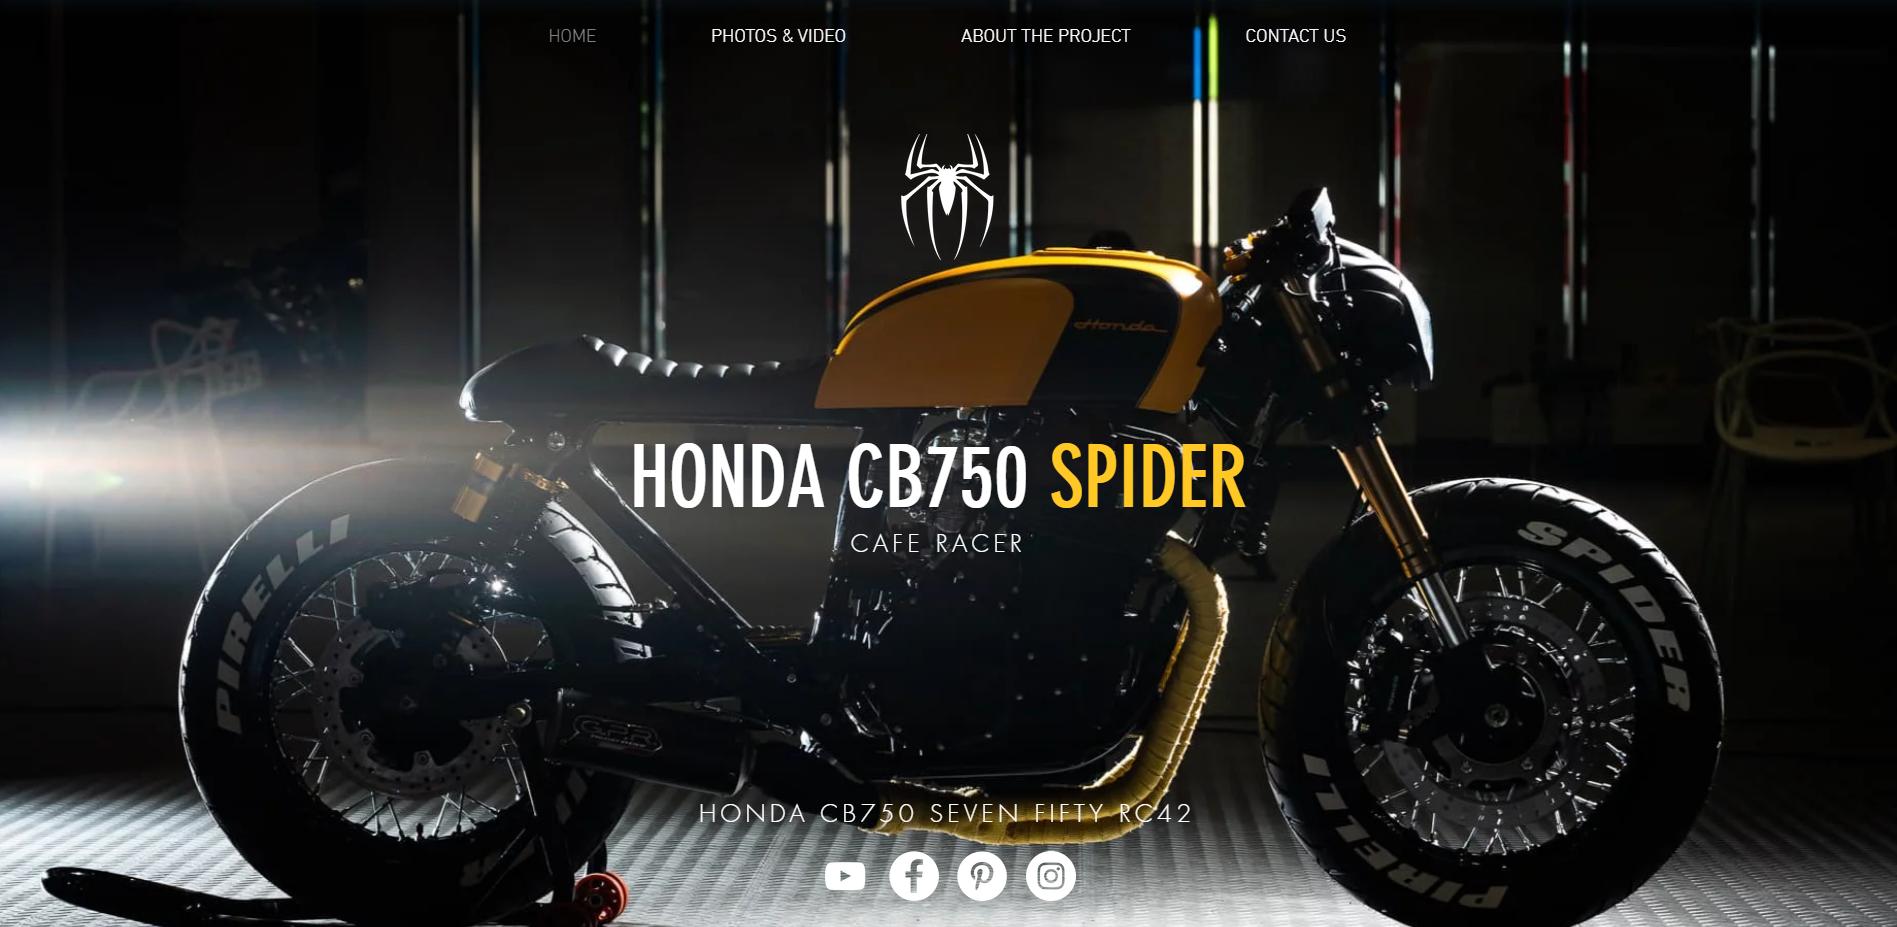 Home Honda Cb750 Spider